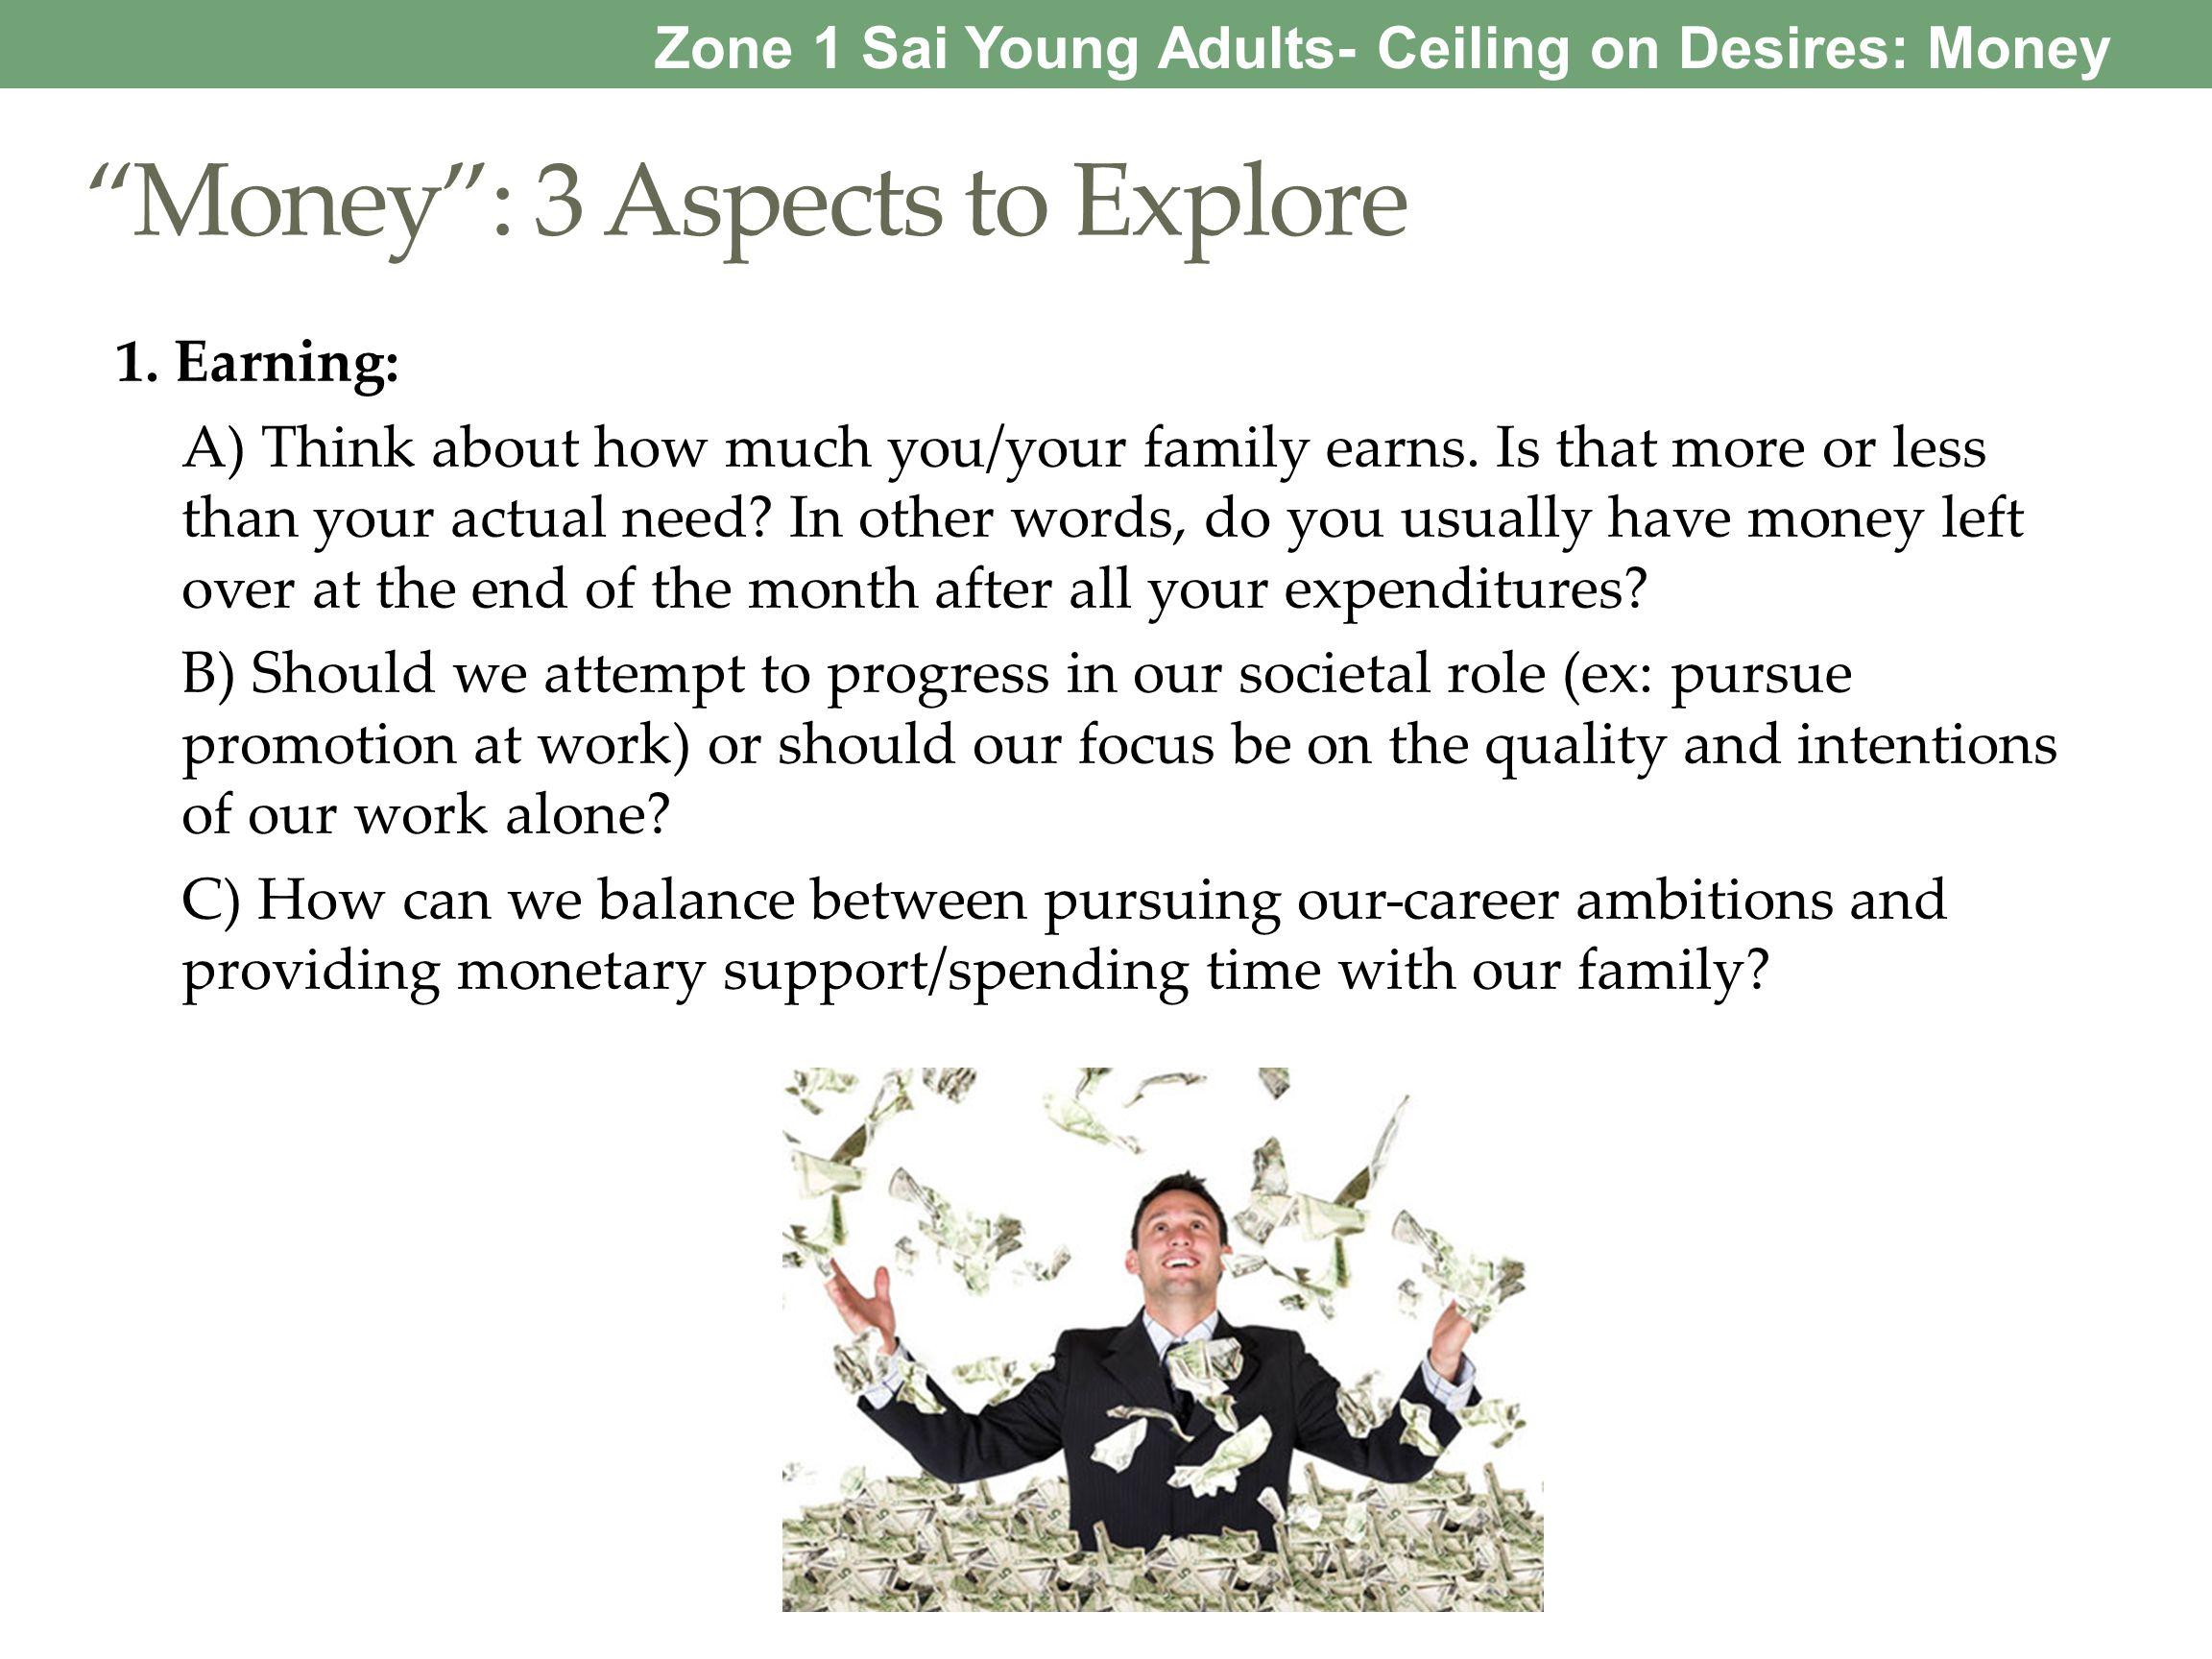 Money: 3 Aspects to Explore 2.